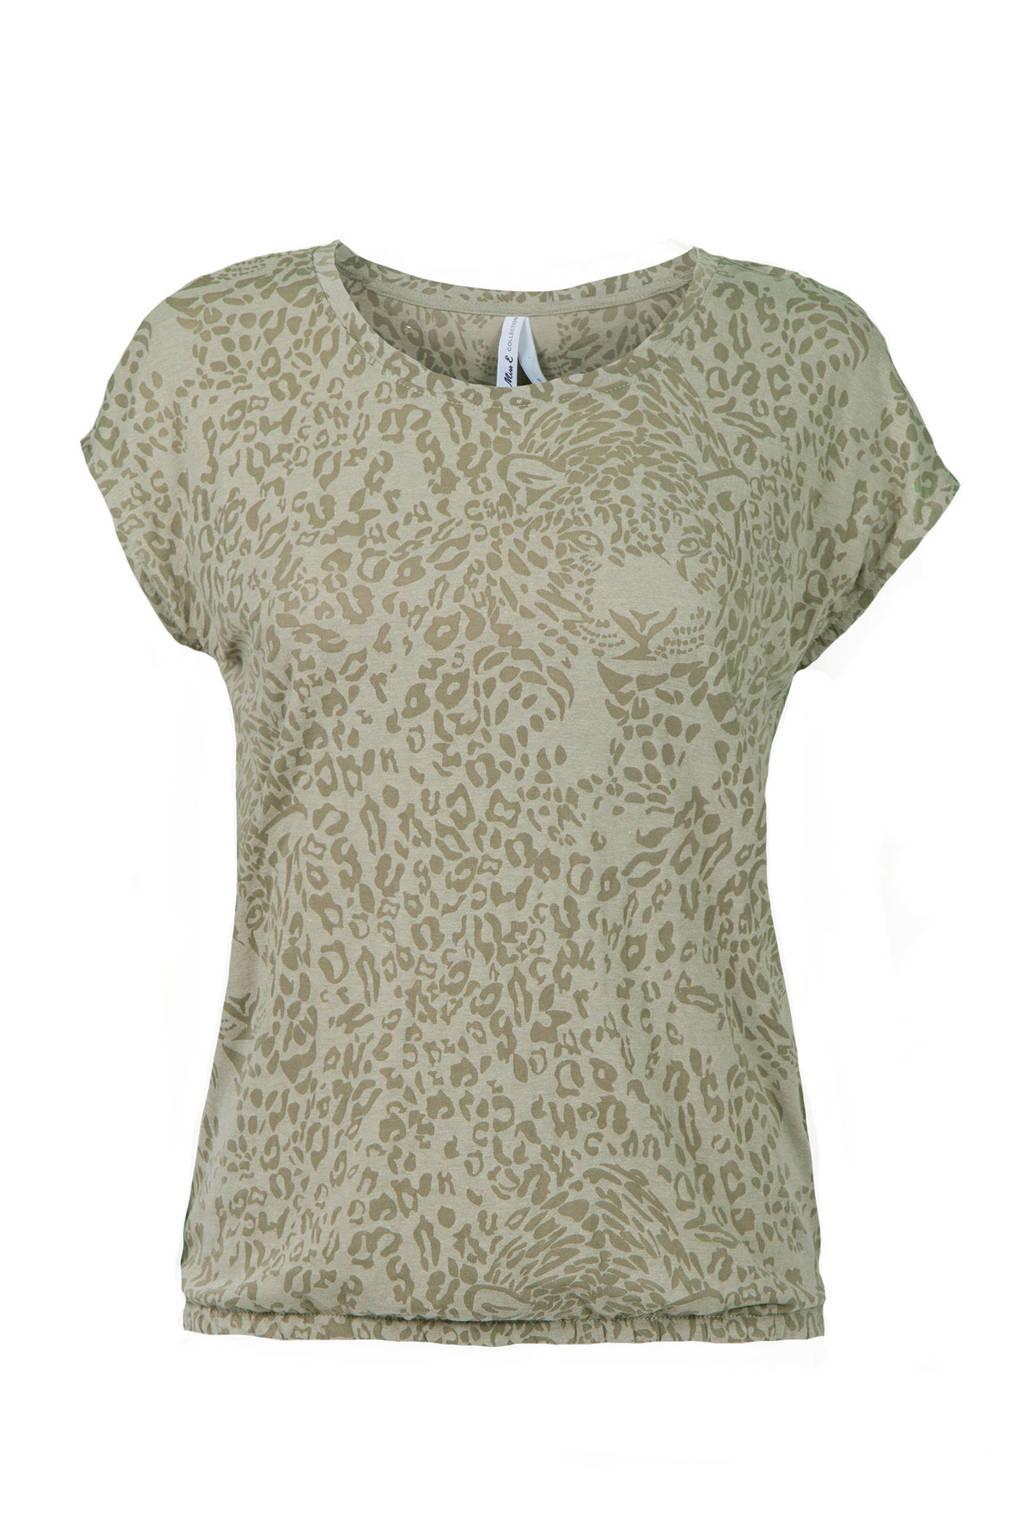 Miss Etam Regulier T-shirt met panterprint bruin, Groen/donkergroen